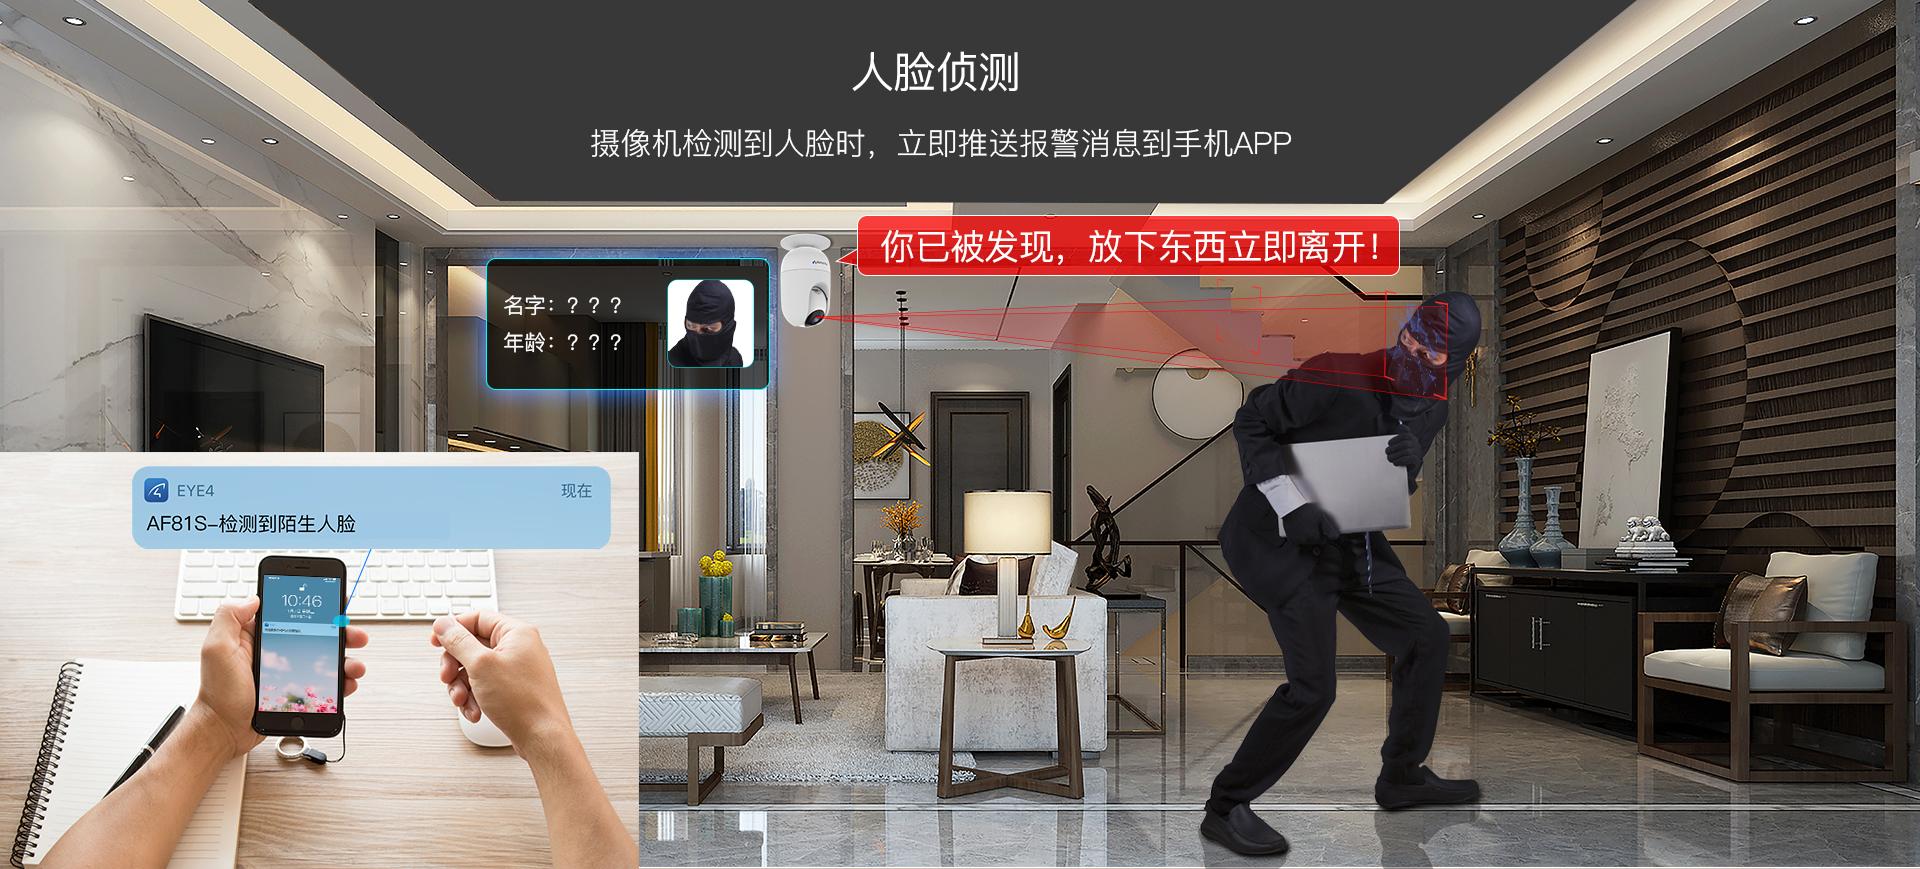 智能人脸识别网络摄像机